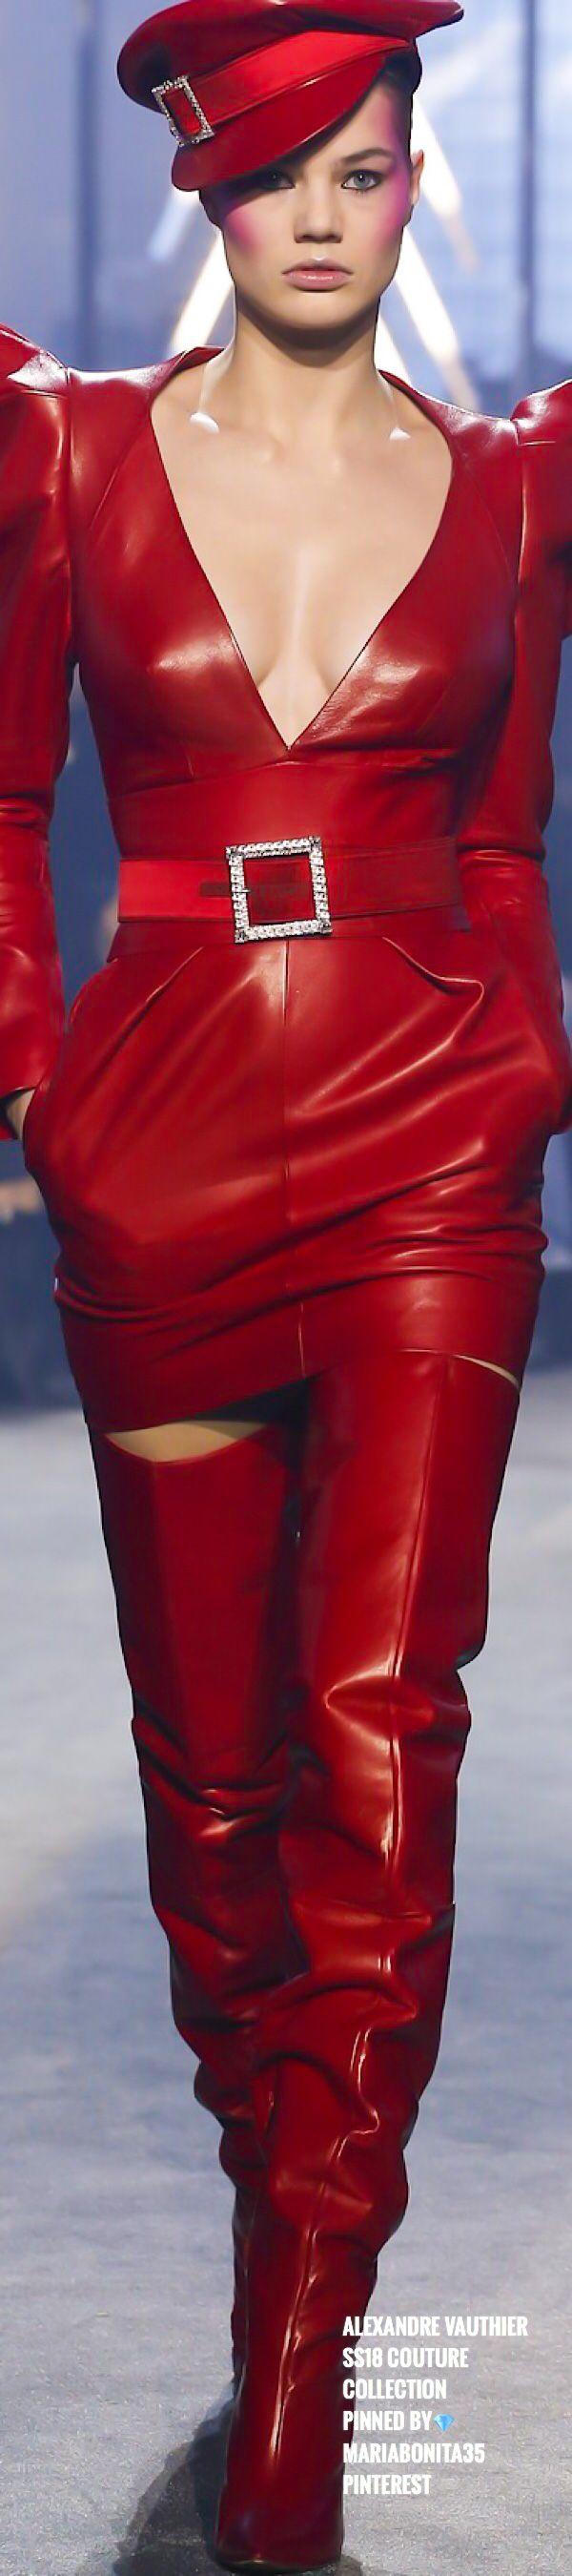 Alexandre Vauthier SS18 Haute Couture